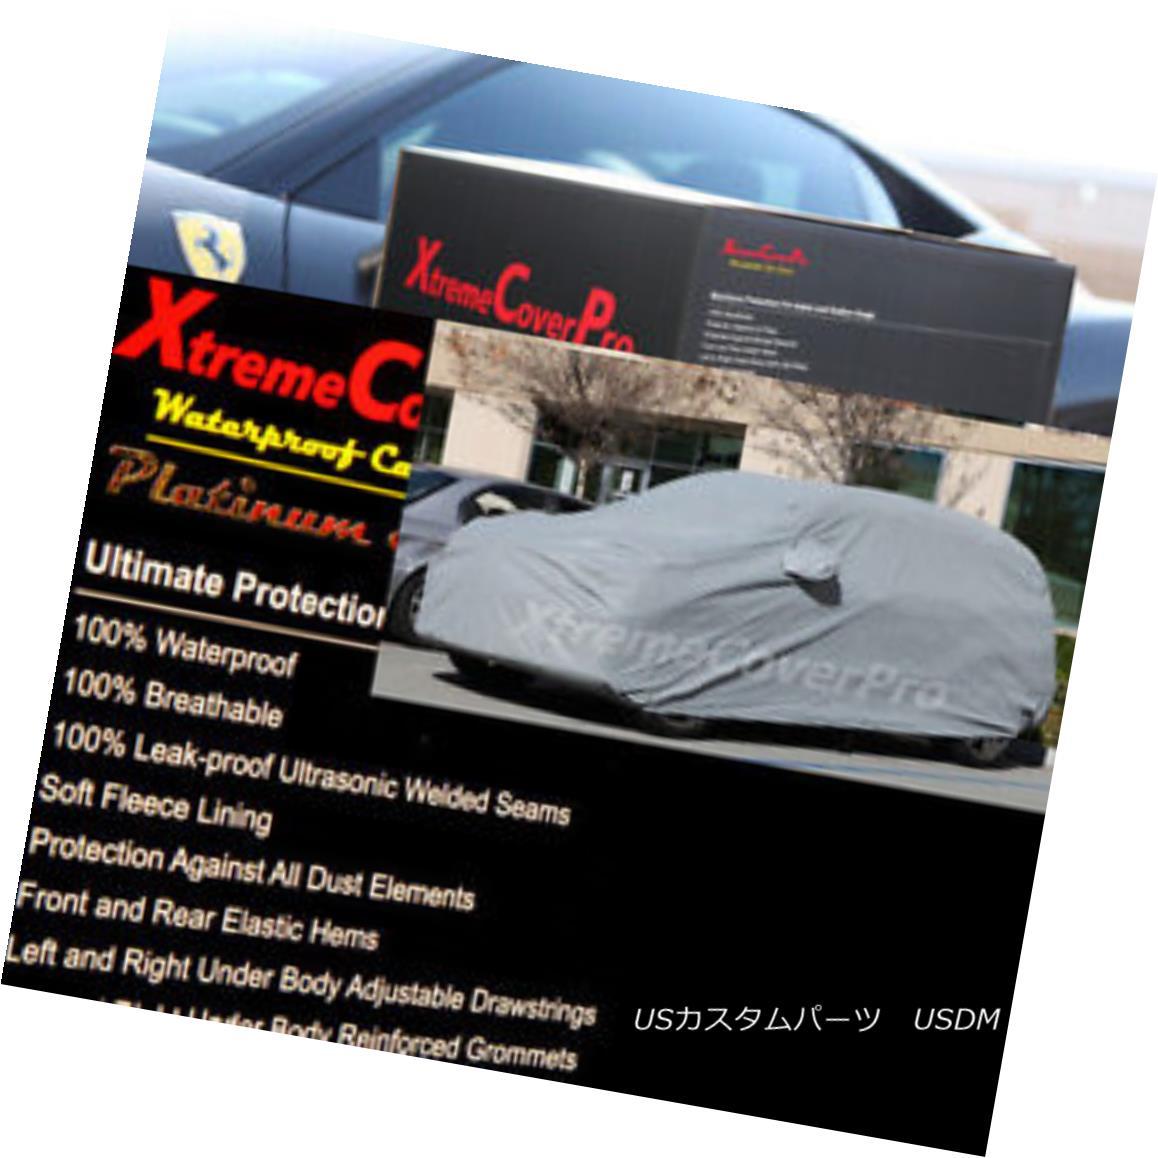 カーカバー 2015 AUDI Q7 Waterproof Car Cover w/Mirror Pockets - Gray 2015 AUDI Q7ミラーポケット付き防水カーカバー - グレー